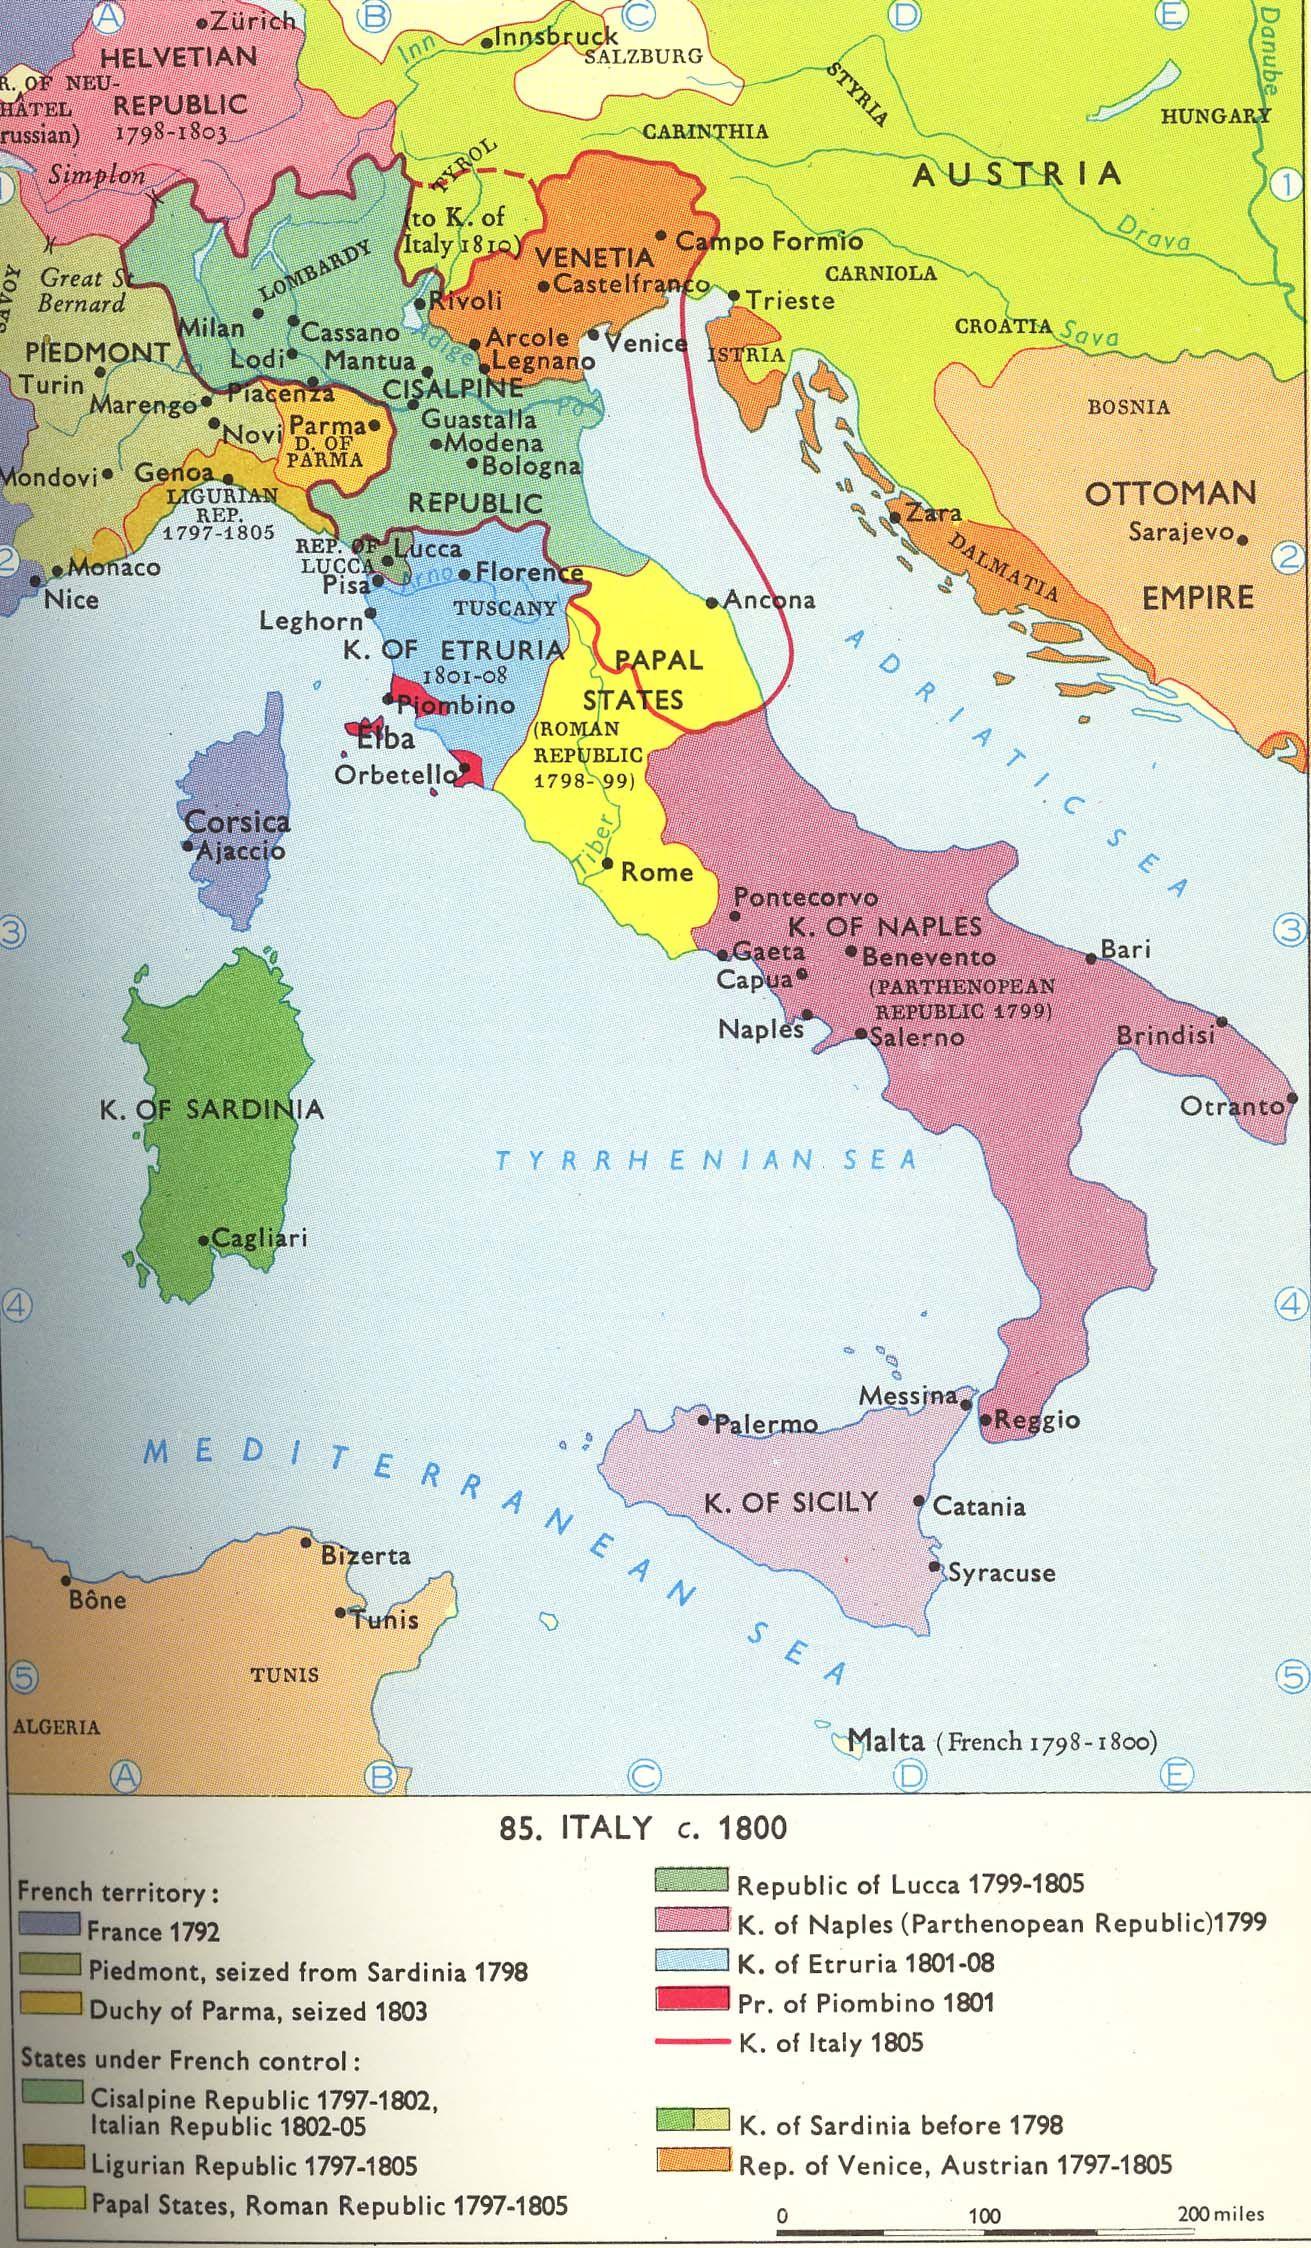 Map Of France 1800.C 1800 Italian Peninsula French Revolution Napoleonic Phase